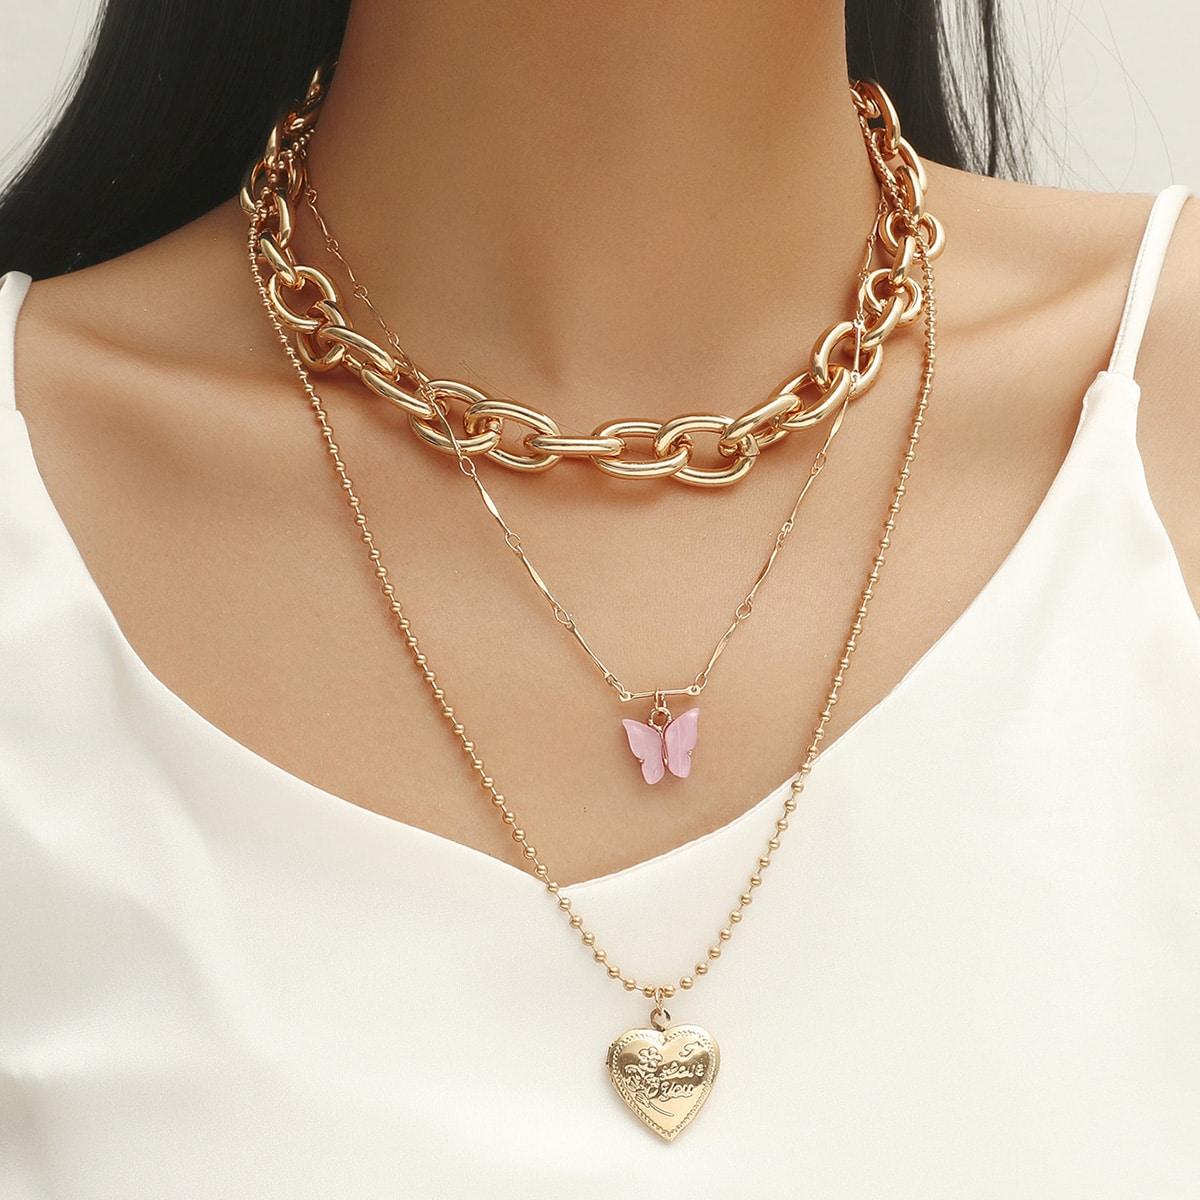 SHEIN / 3 Stücke Halskette mit Herzen & Schmetterling Anhänger